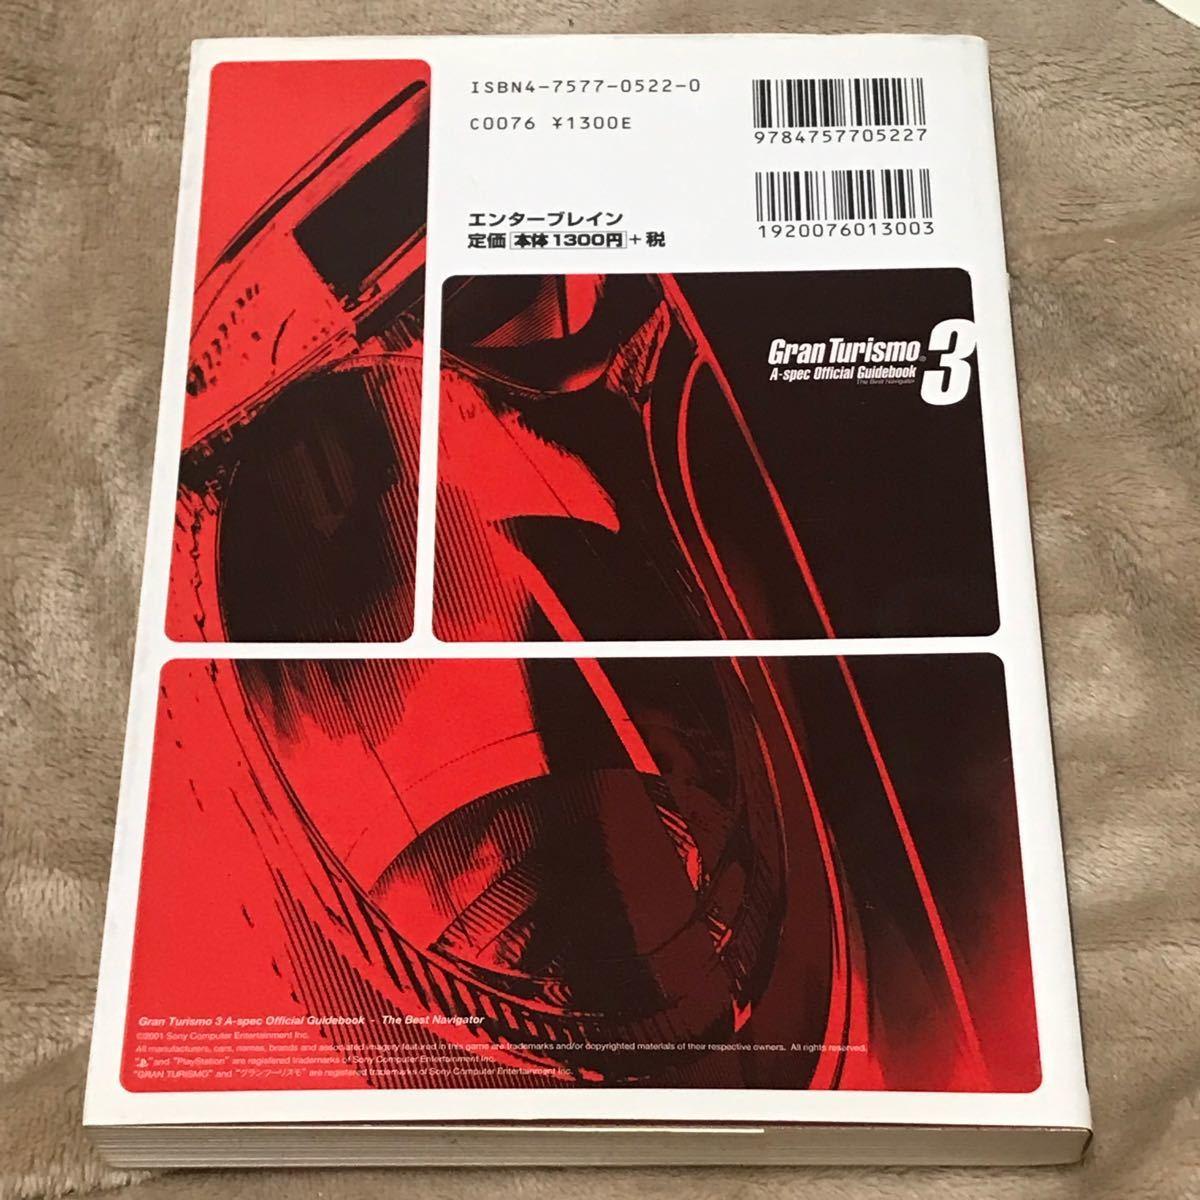 PS2攻略本 グランツーリスモ3A‐spec公式ガイドブック ザベストナビゲーター/ファミ通書籍編集部 (編者)